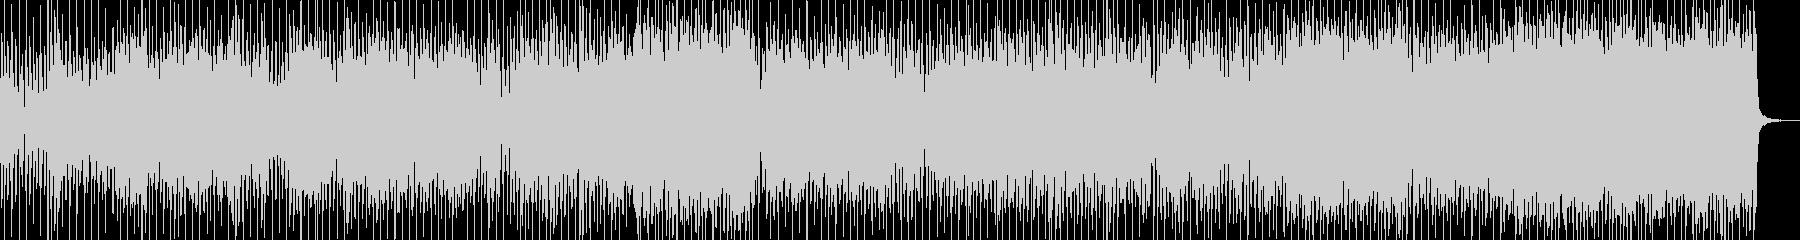 キャッチーなアップビートポップ/ロ...の未再生の波形